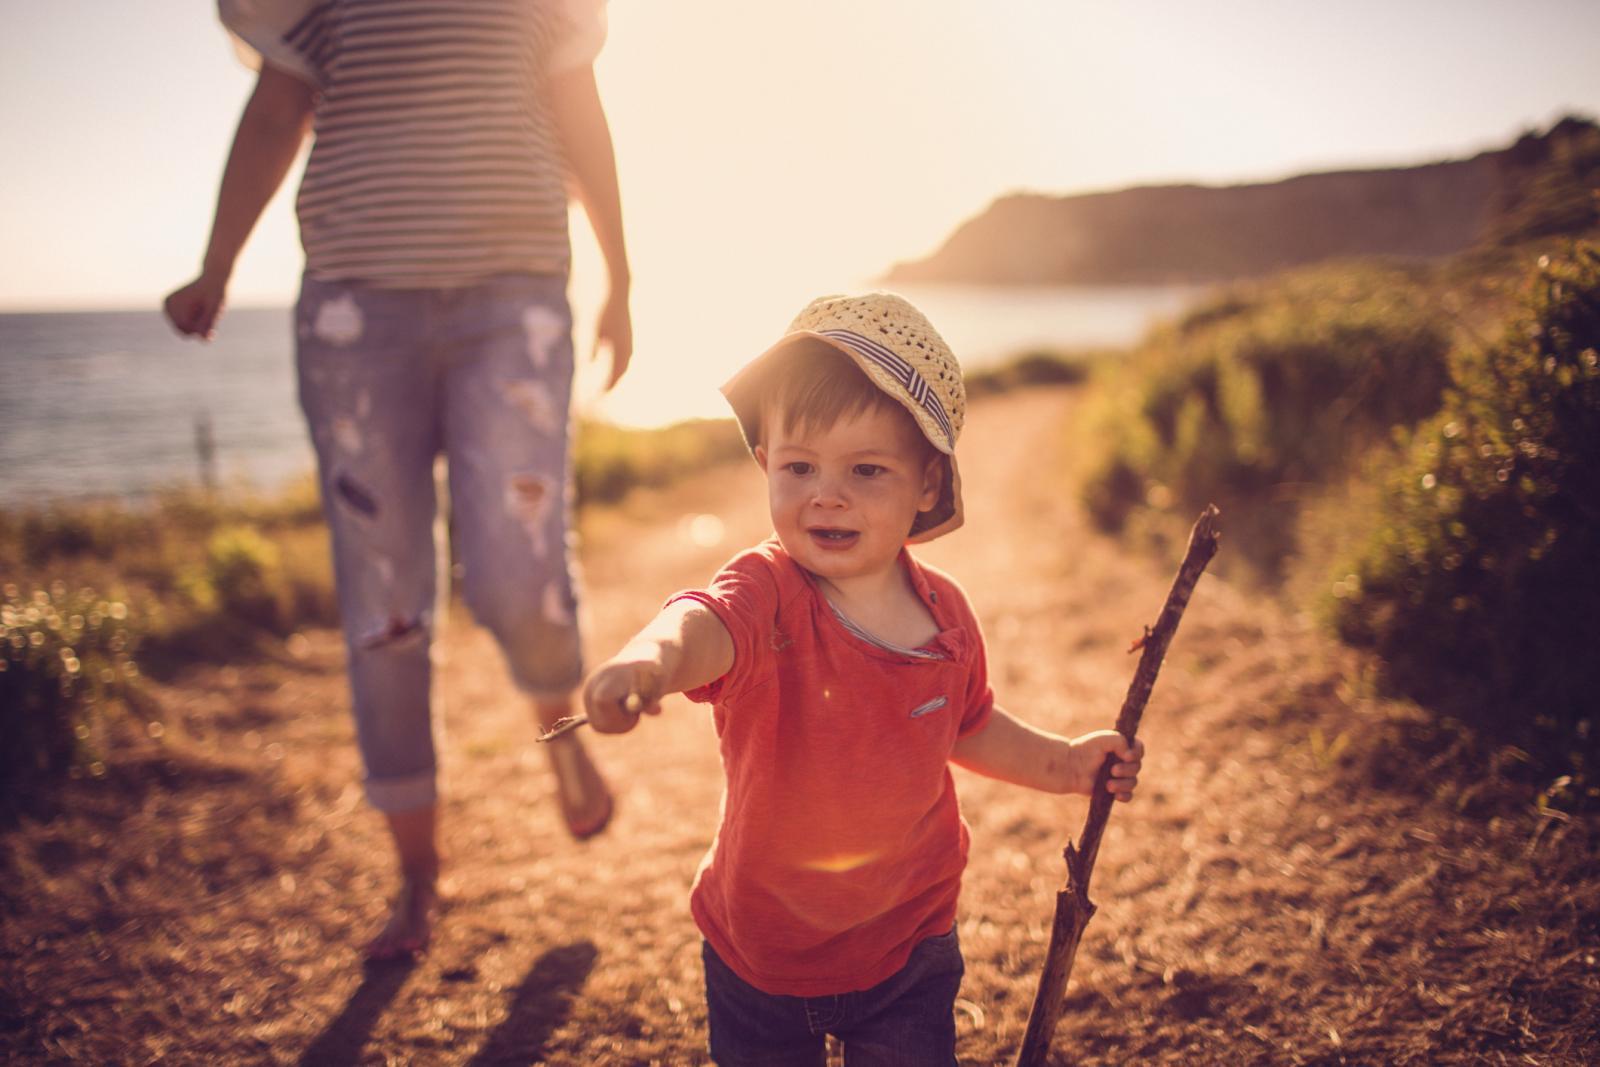 Istina je da su ljudi i prije mene imali djecu, ali nitko još nije imao MOJE dijete.